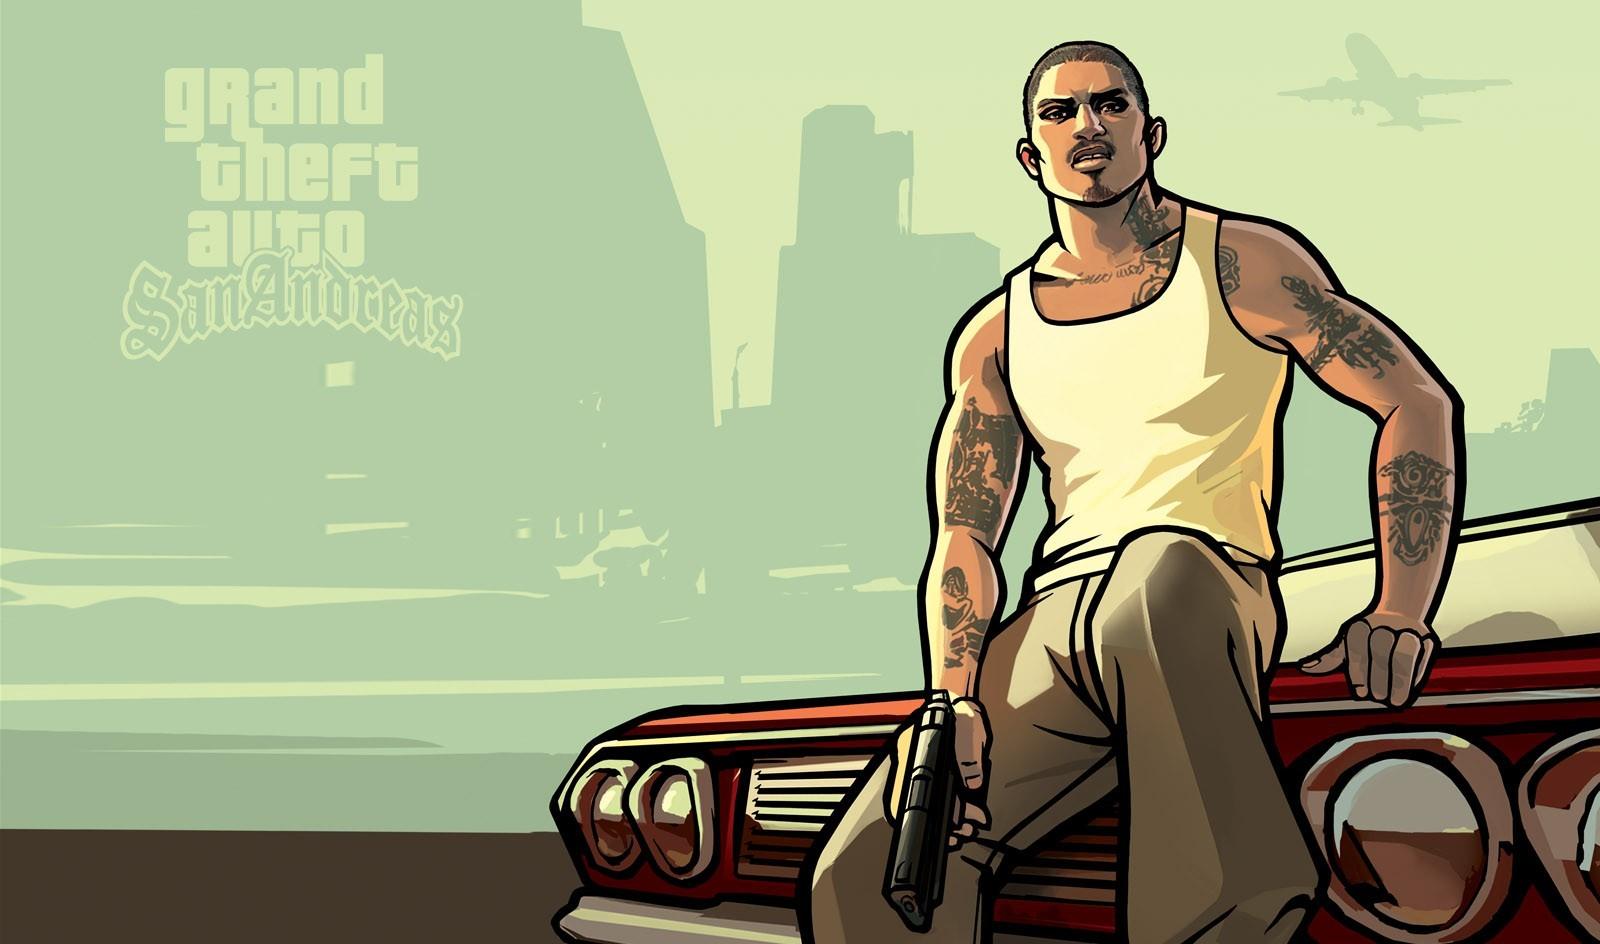 Parece que vamos ter uma trilogia remasterizada de Grand Theft Auto